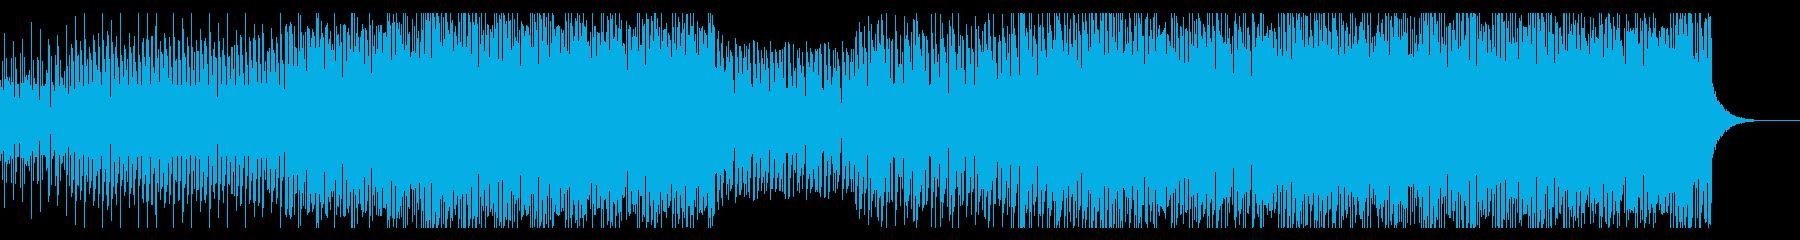 ナレーションに合う明るいピアノハウスの再生済みの波形